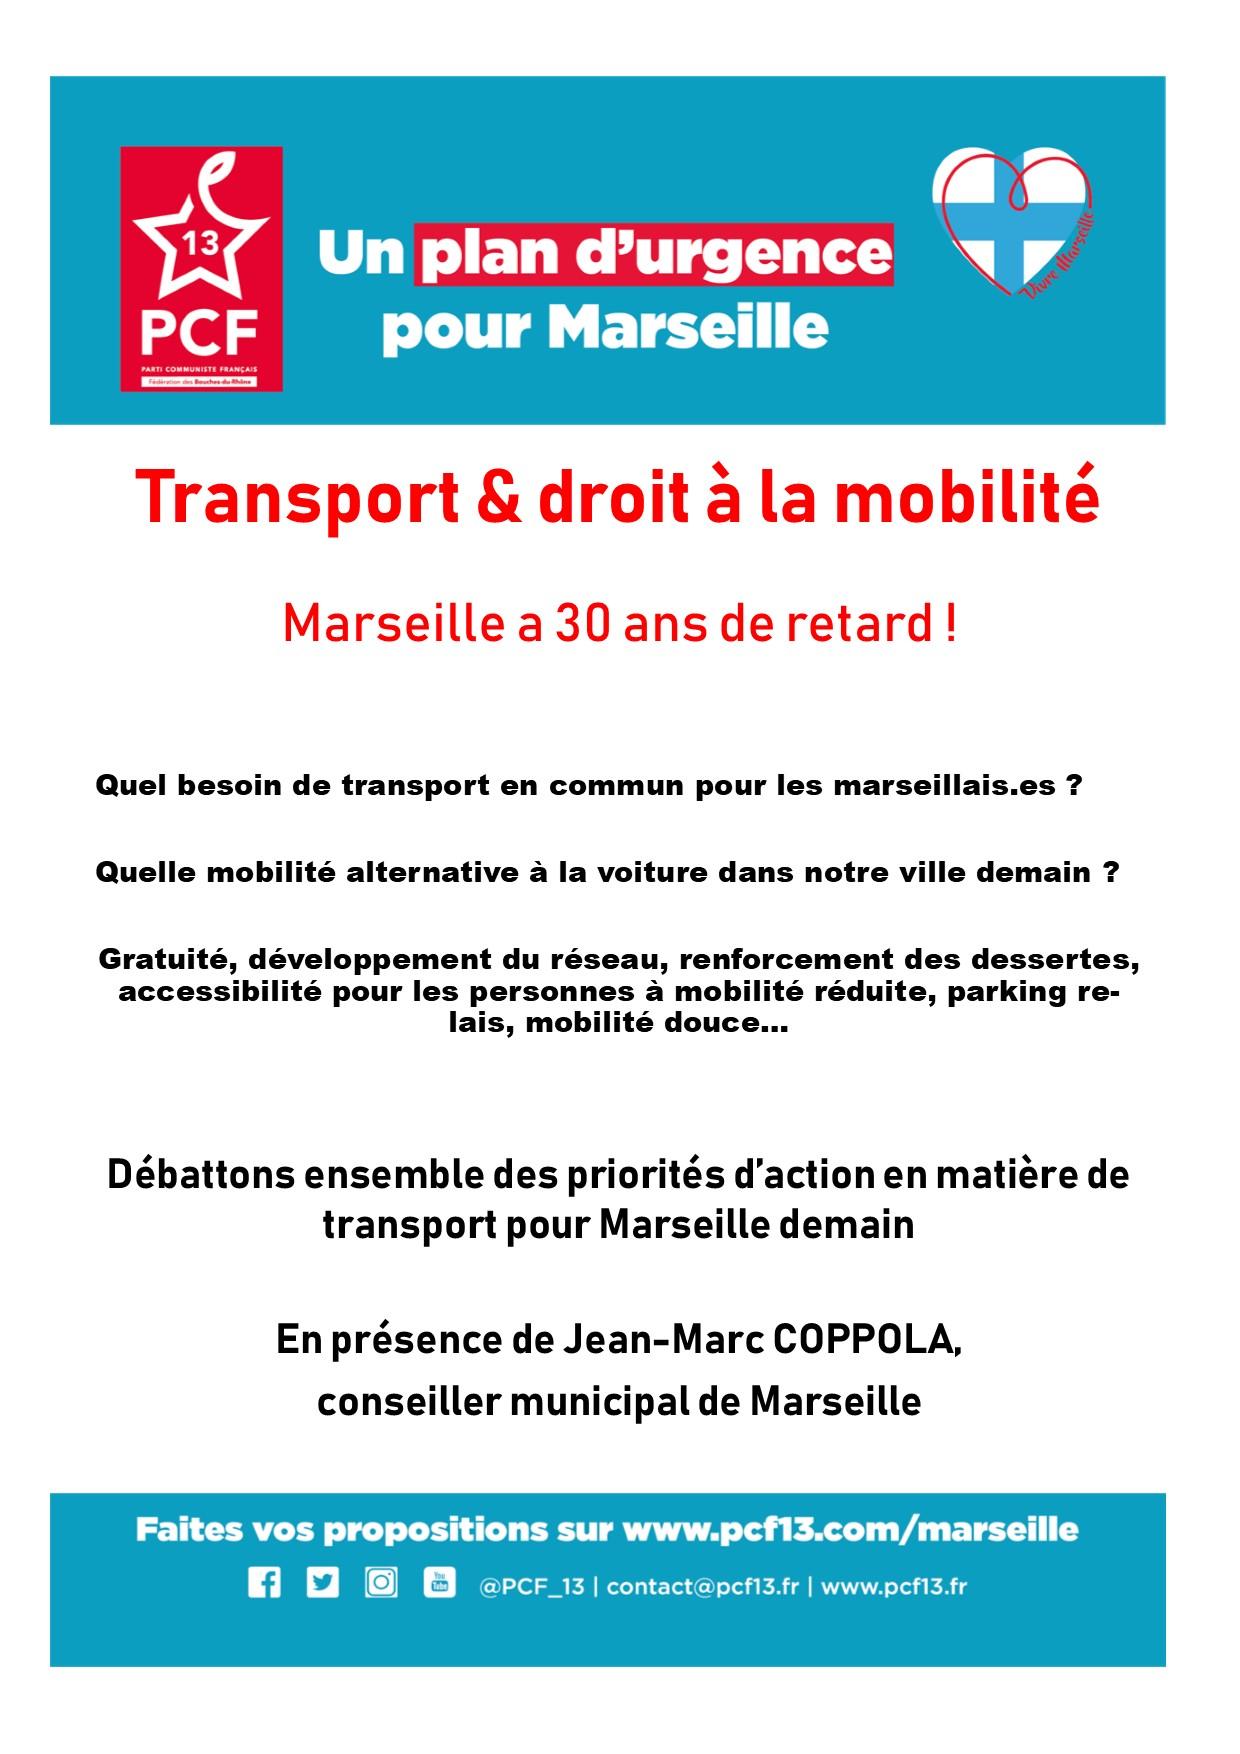 (4) Réunion sur les transports et déplacements le 20 juin à 18h00 à l'Agora Guy Hermier dans le 7èm